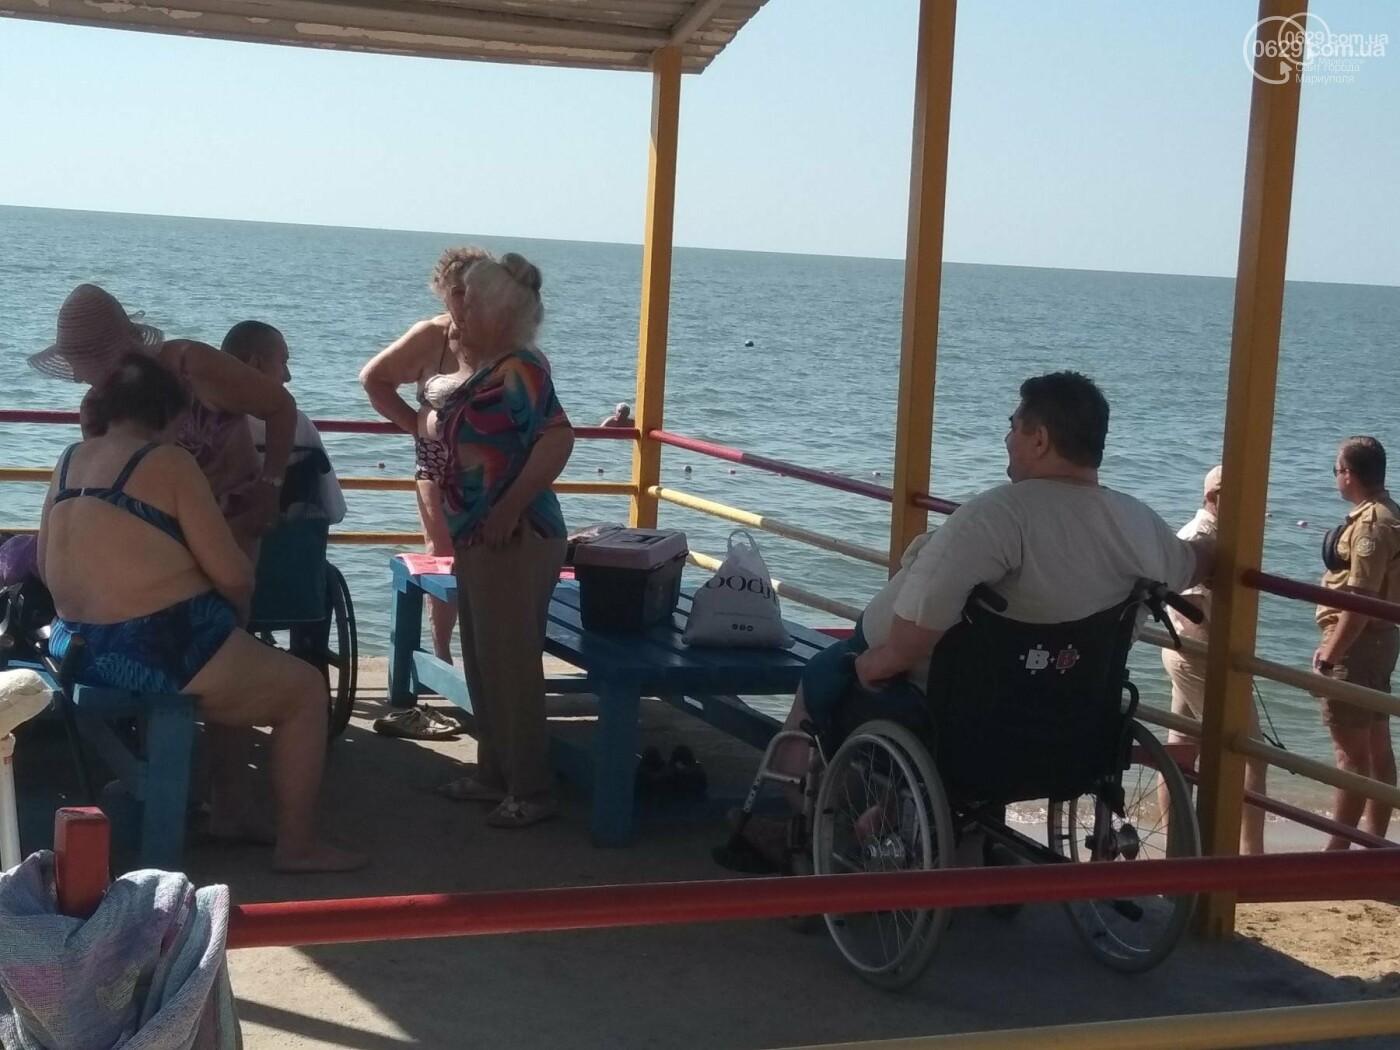 Как заботятся о людях с инвалидностью в странах Евросоюза, фото-4